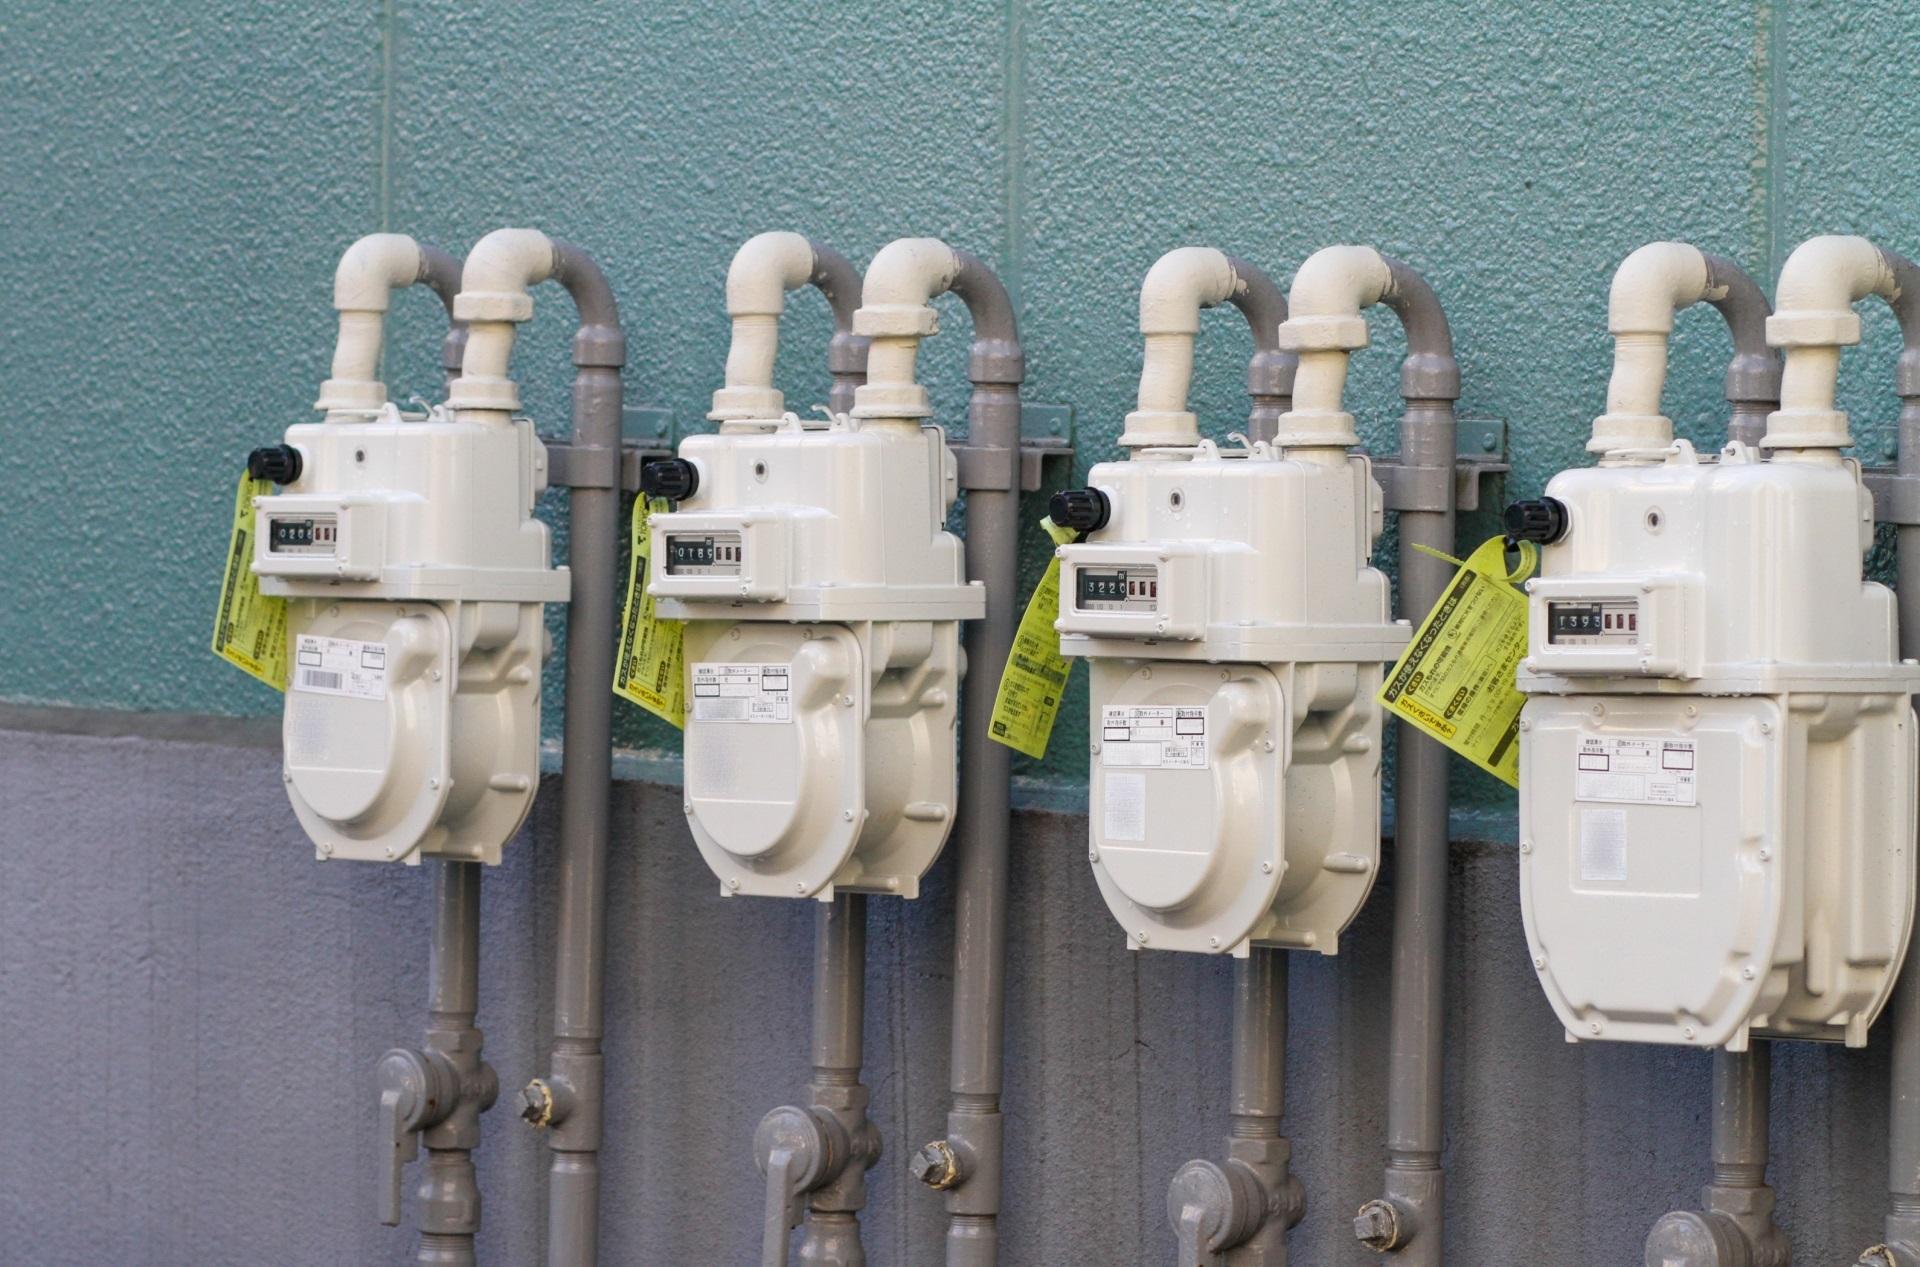 地震等でガスが止まった際の対処方法